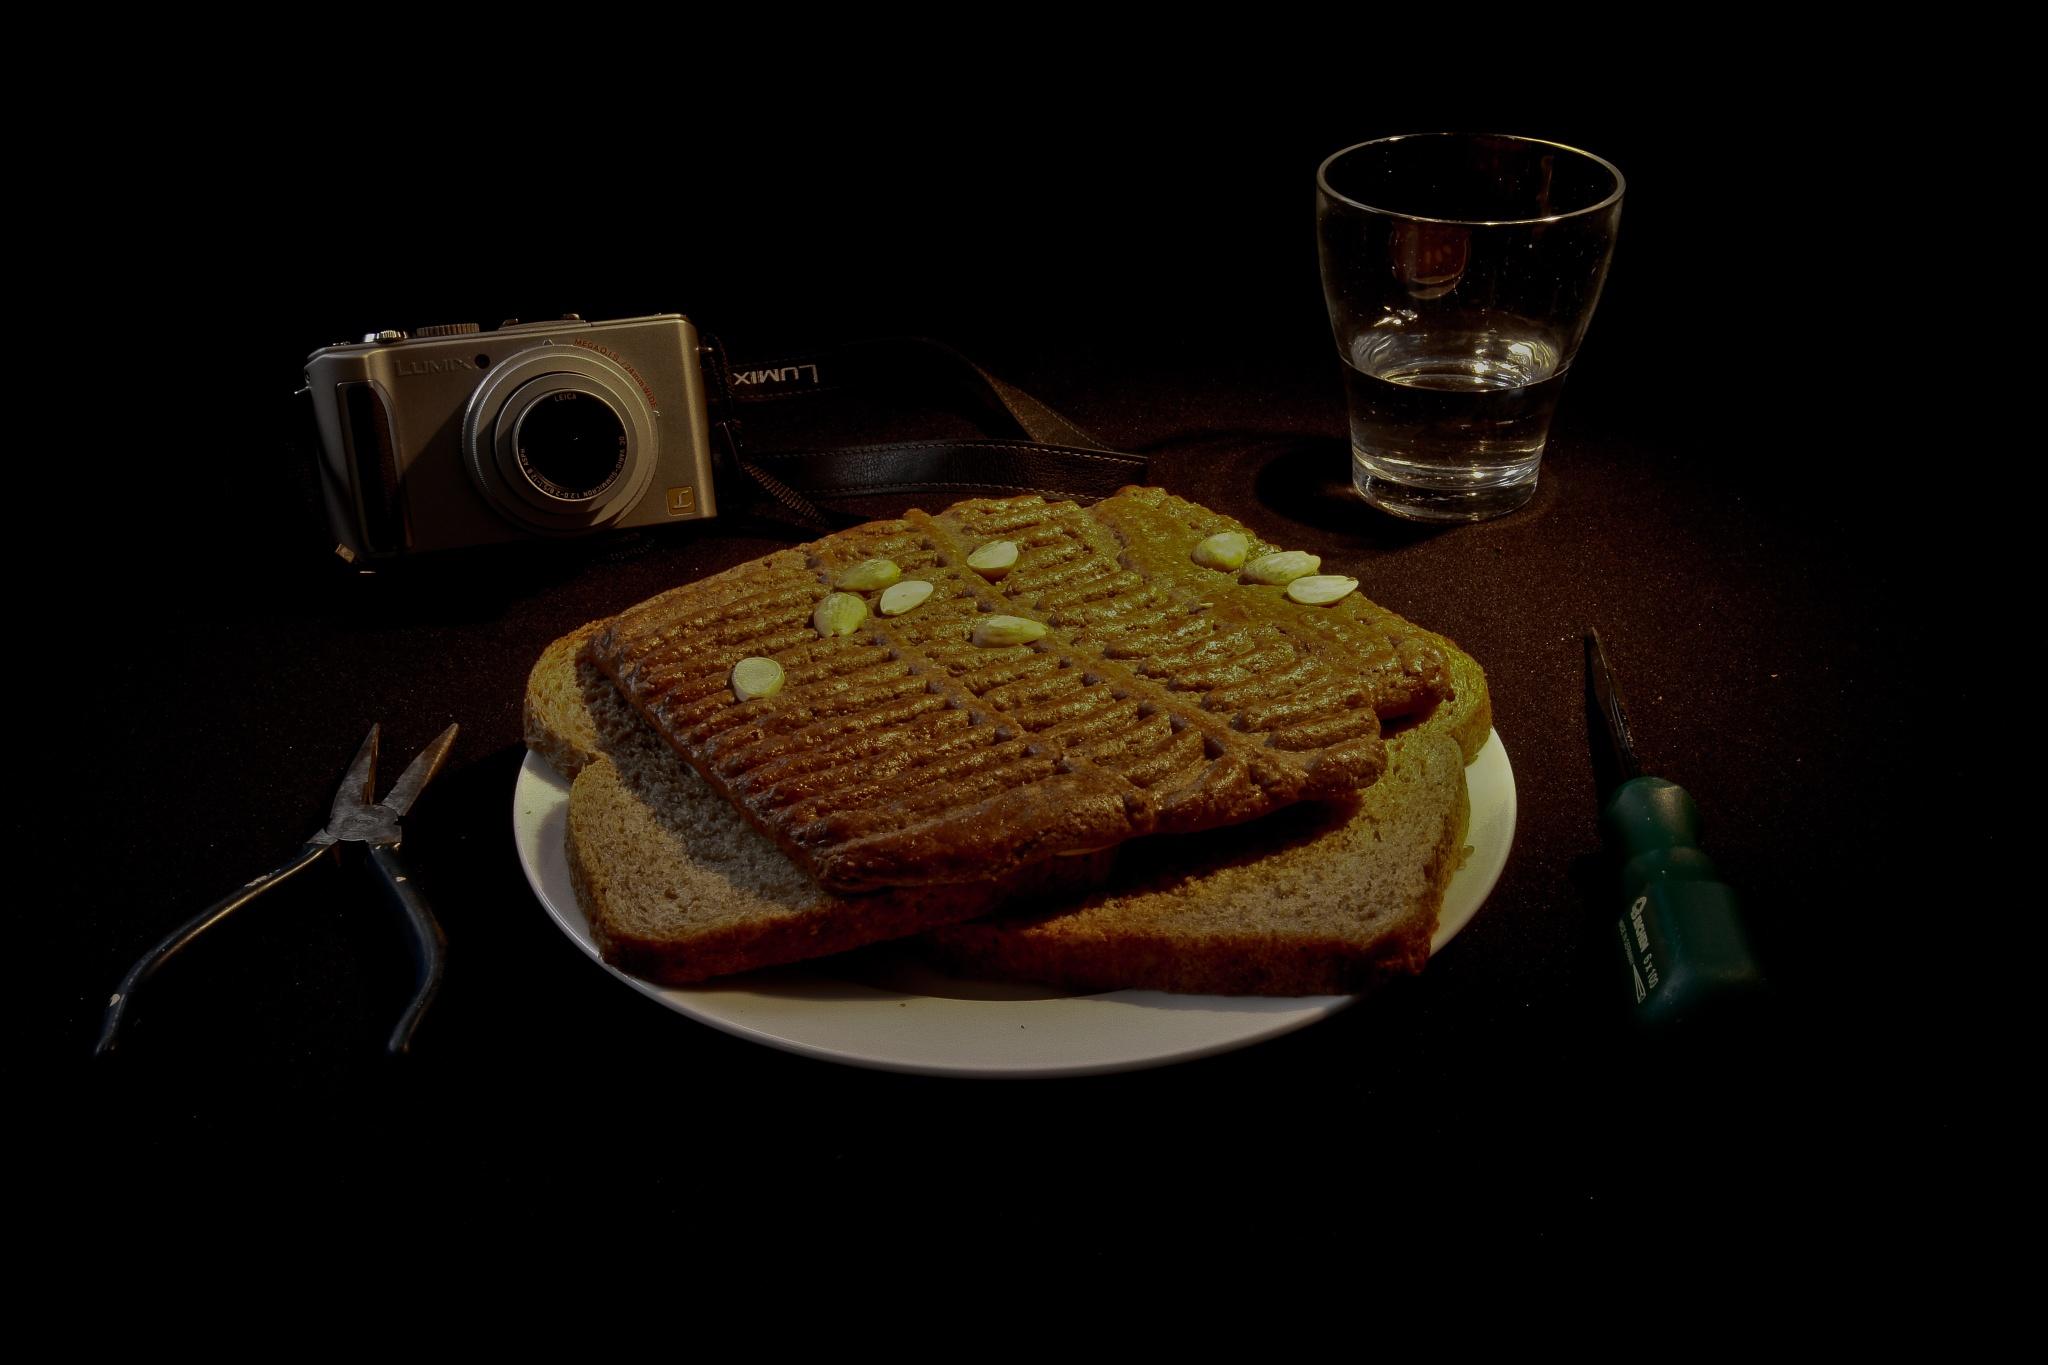 My breakfast 1 by janlepair